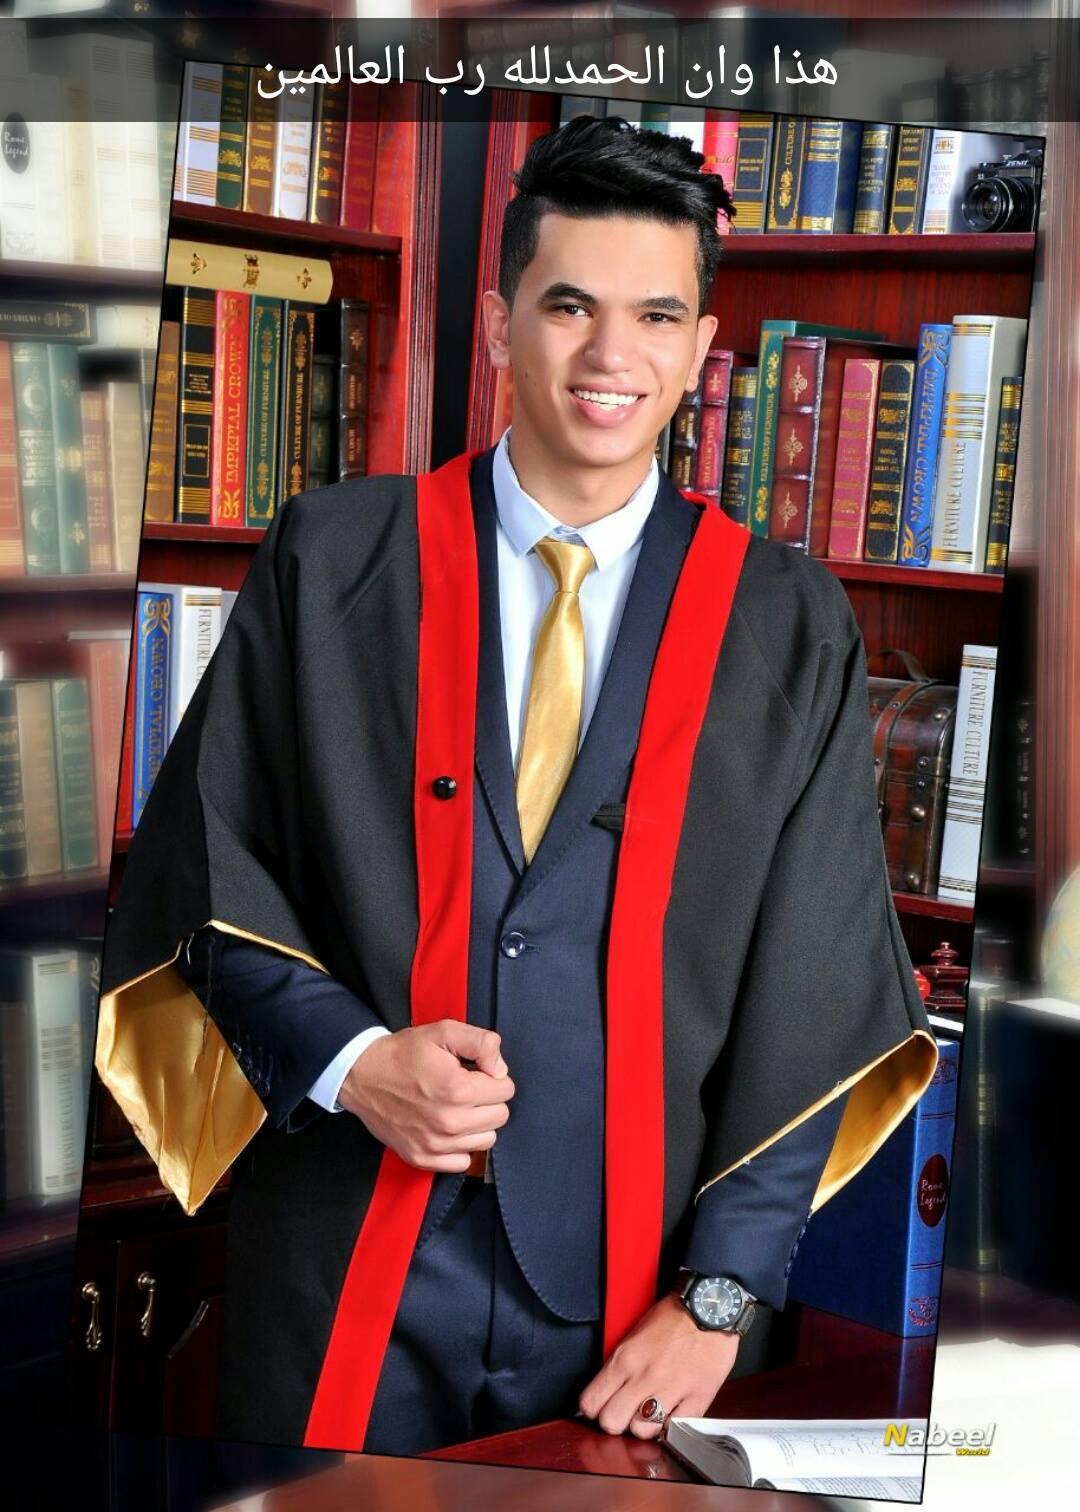 يوسف الرواشدة مبارك التخرج